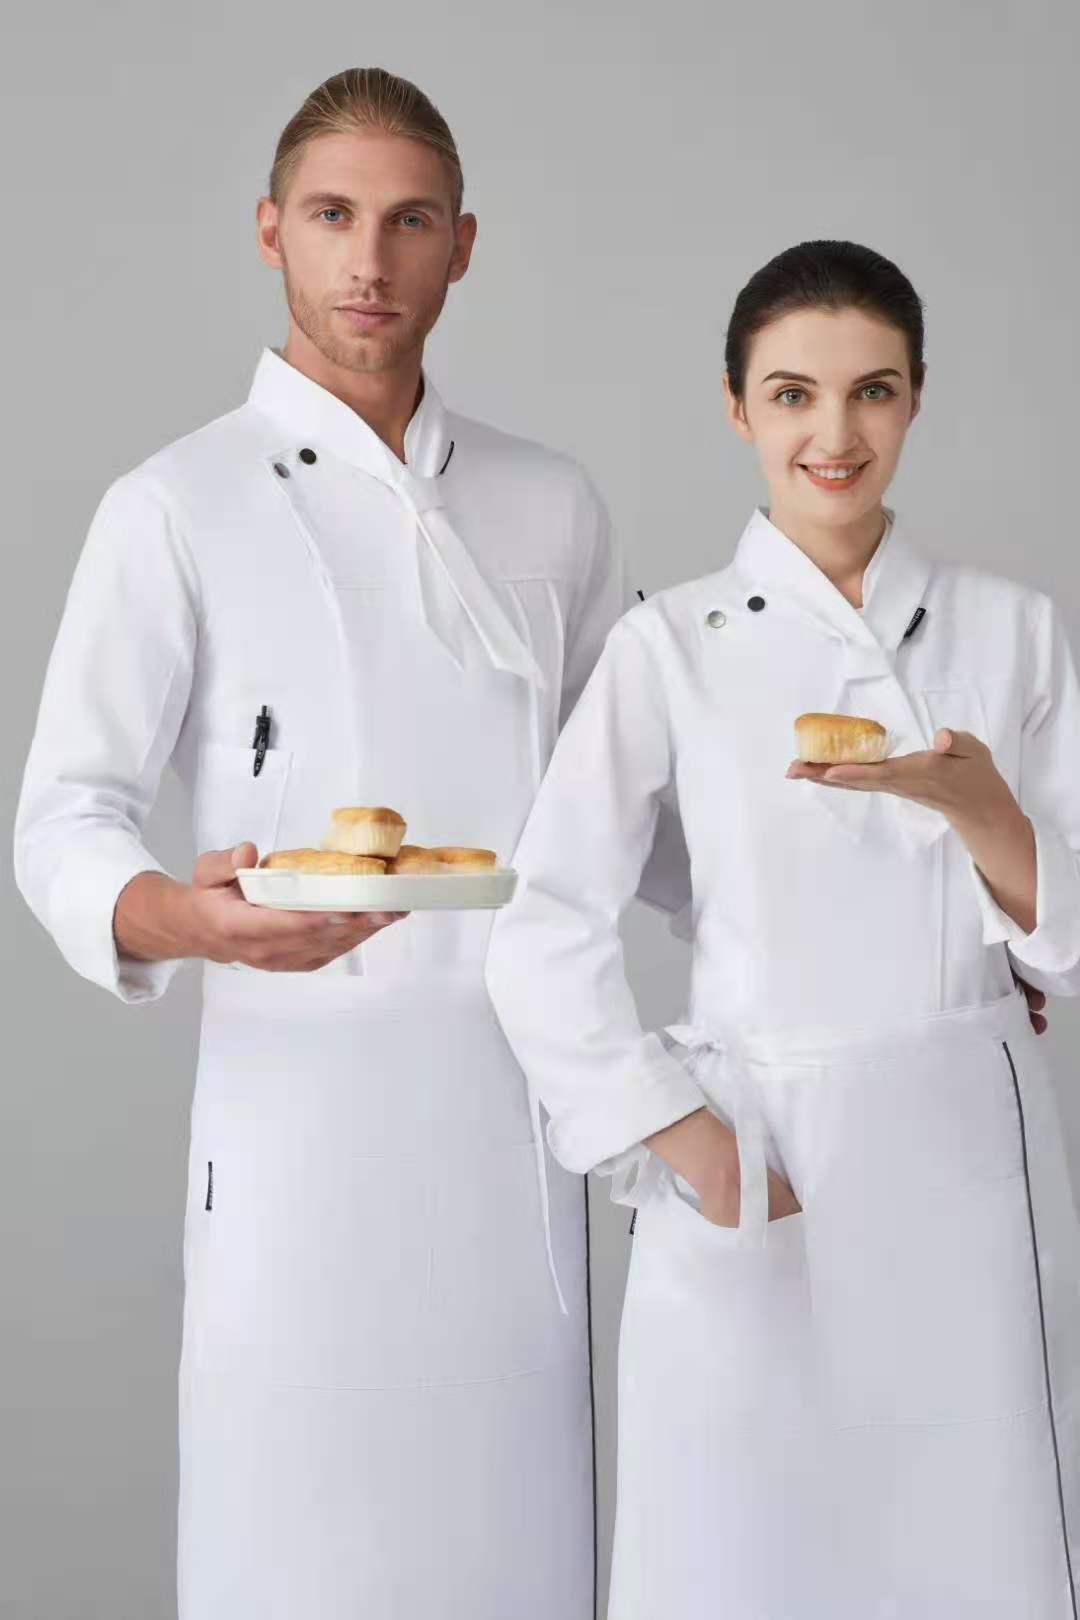 酒店面包师服装